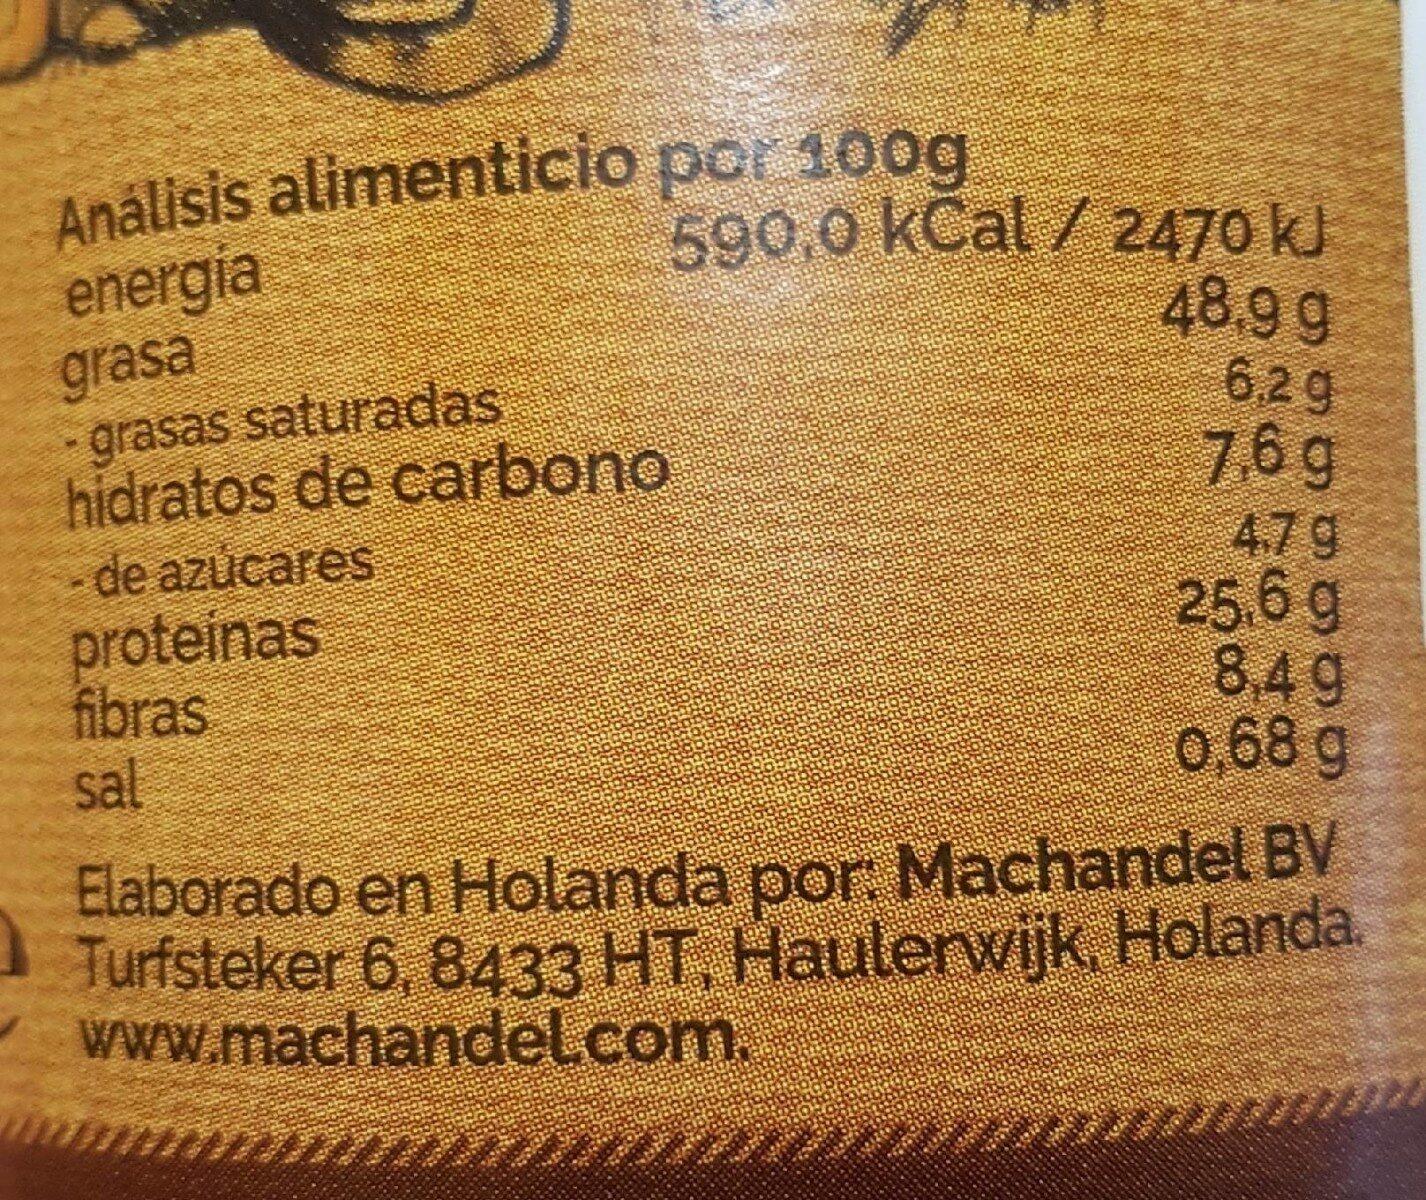 Crema de cacahuete fina - Información nutricional - es